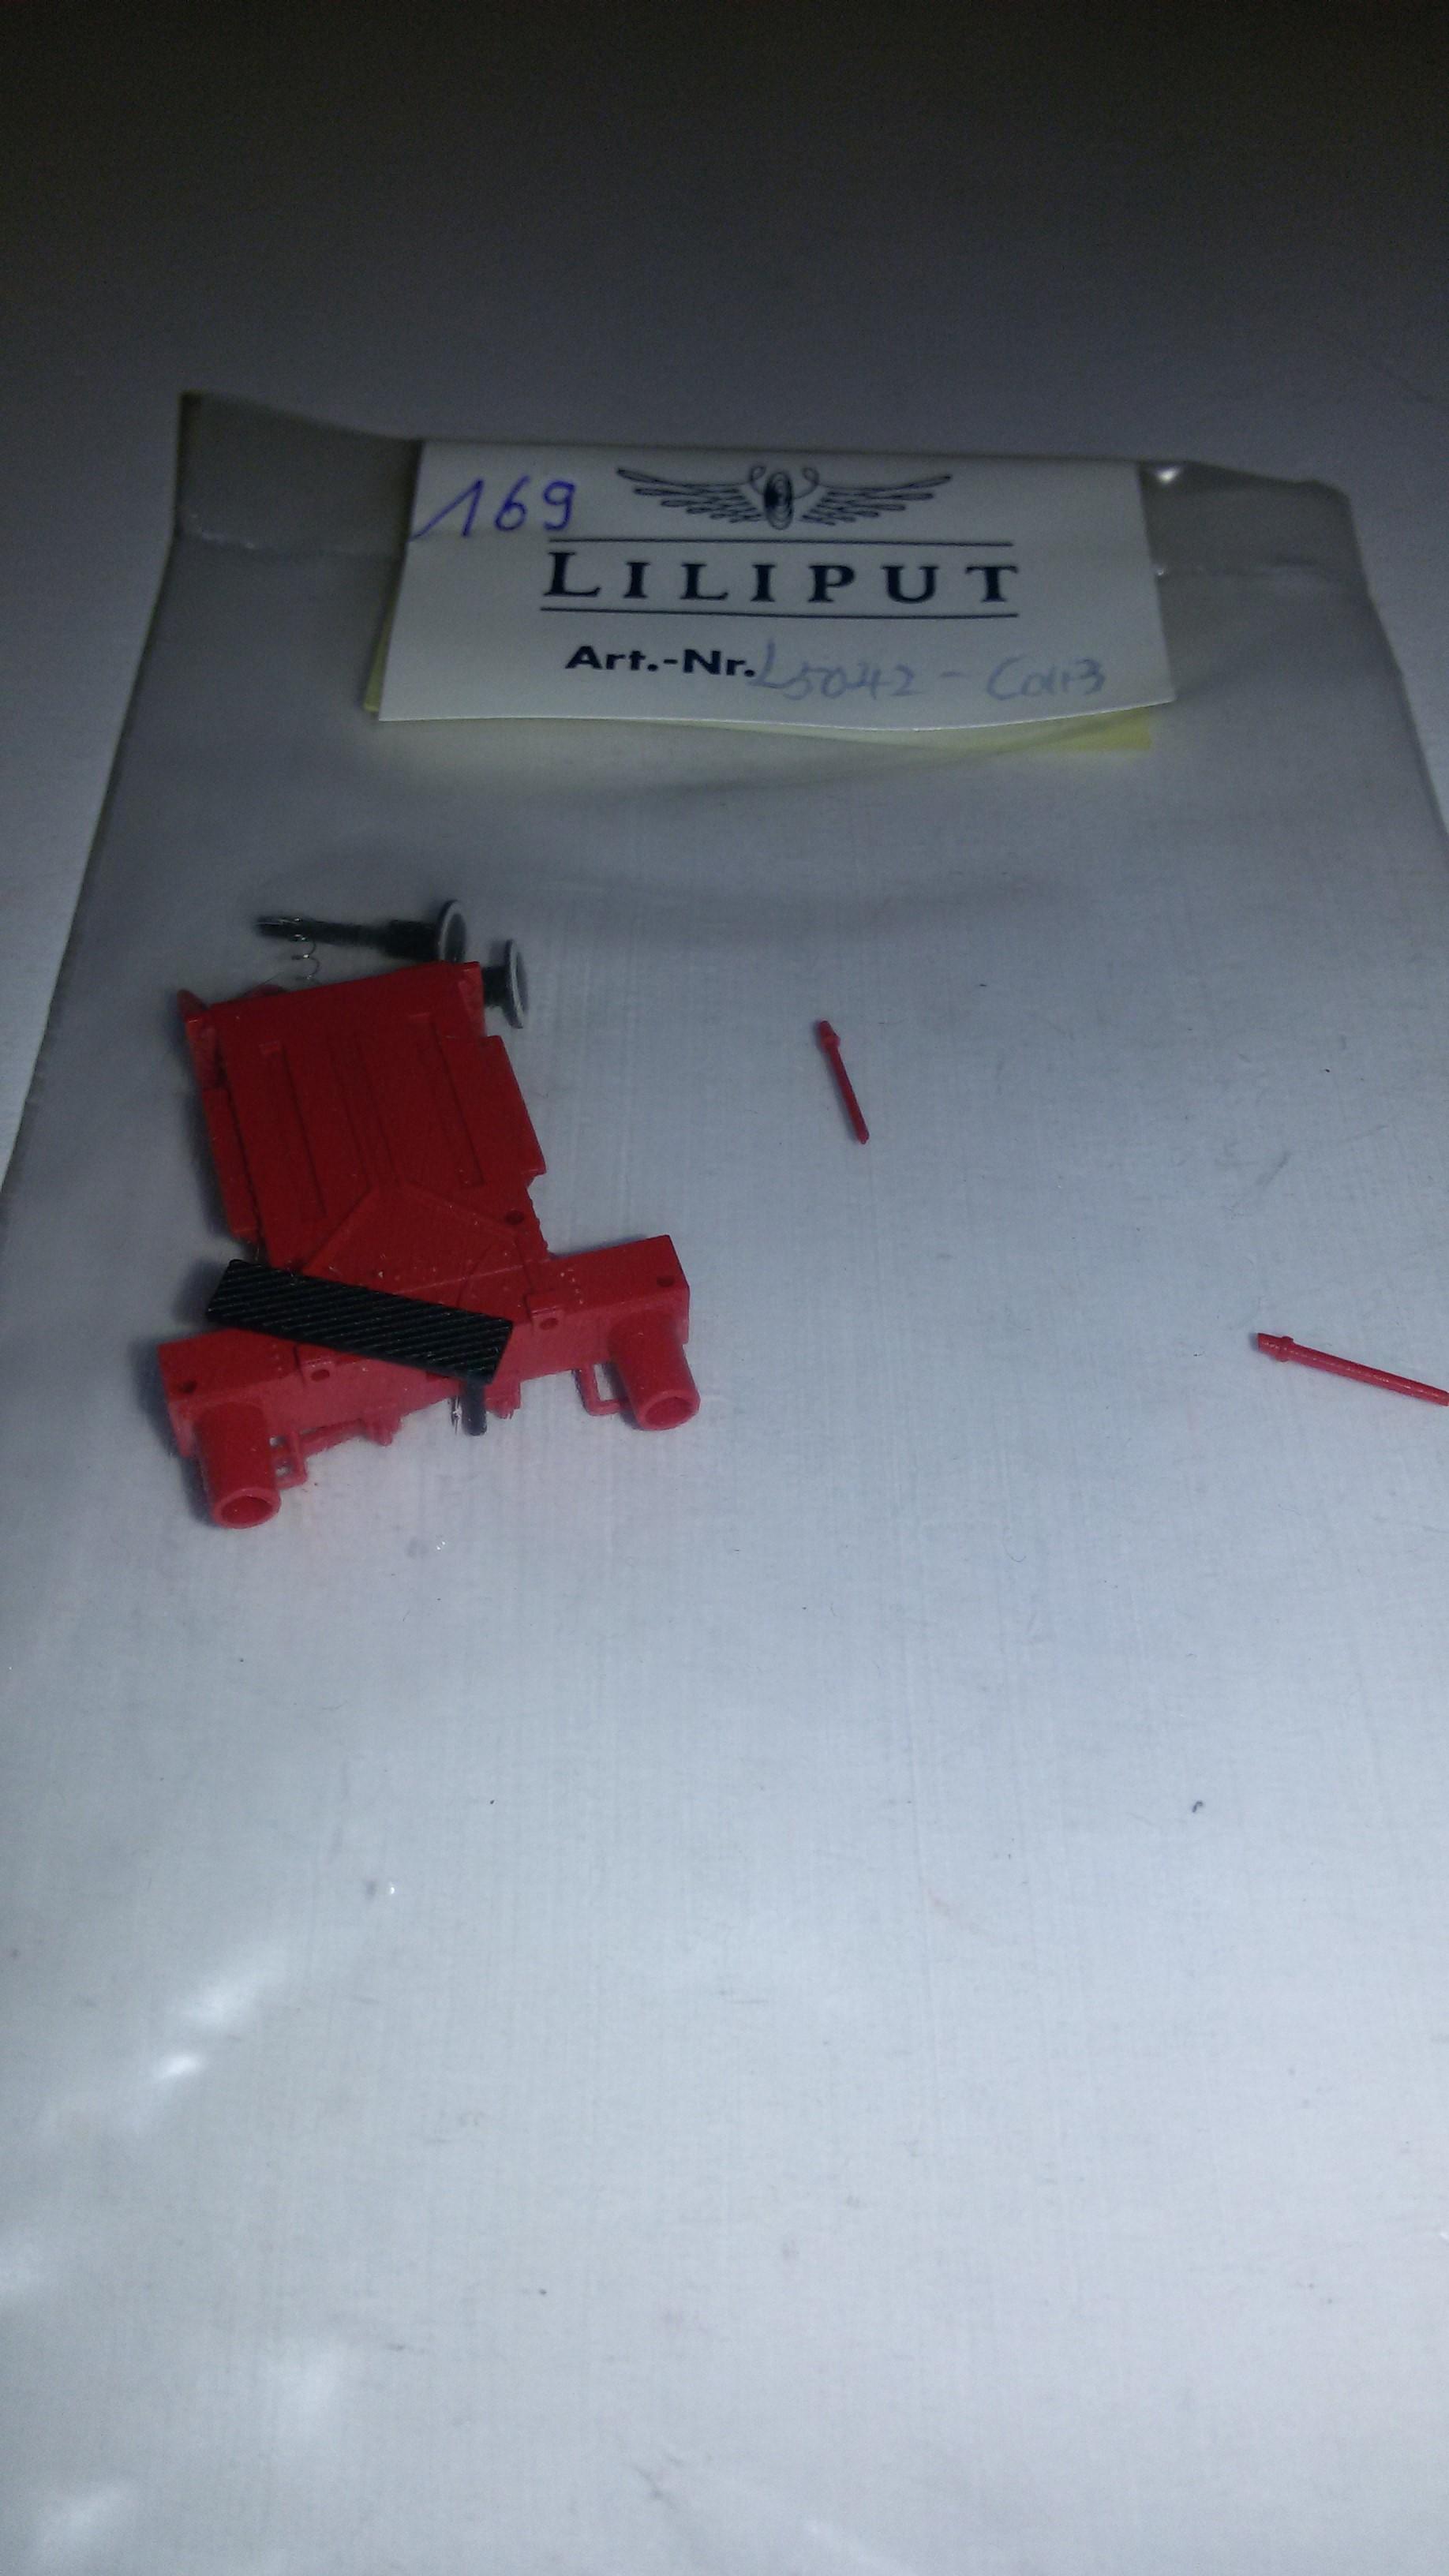 *LO 169* Liliput Ersatzteil L50420113 Vorbau Tender